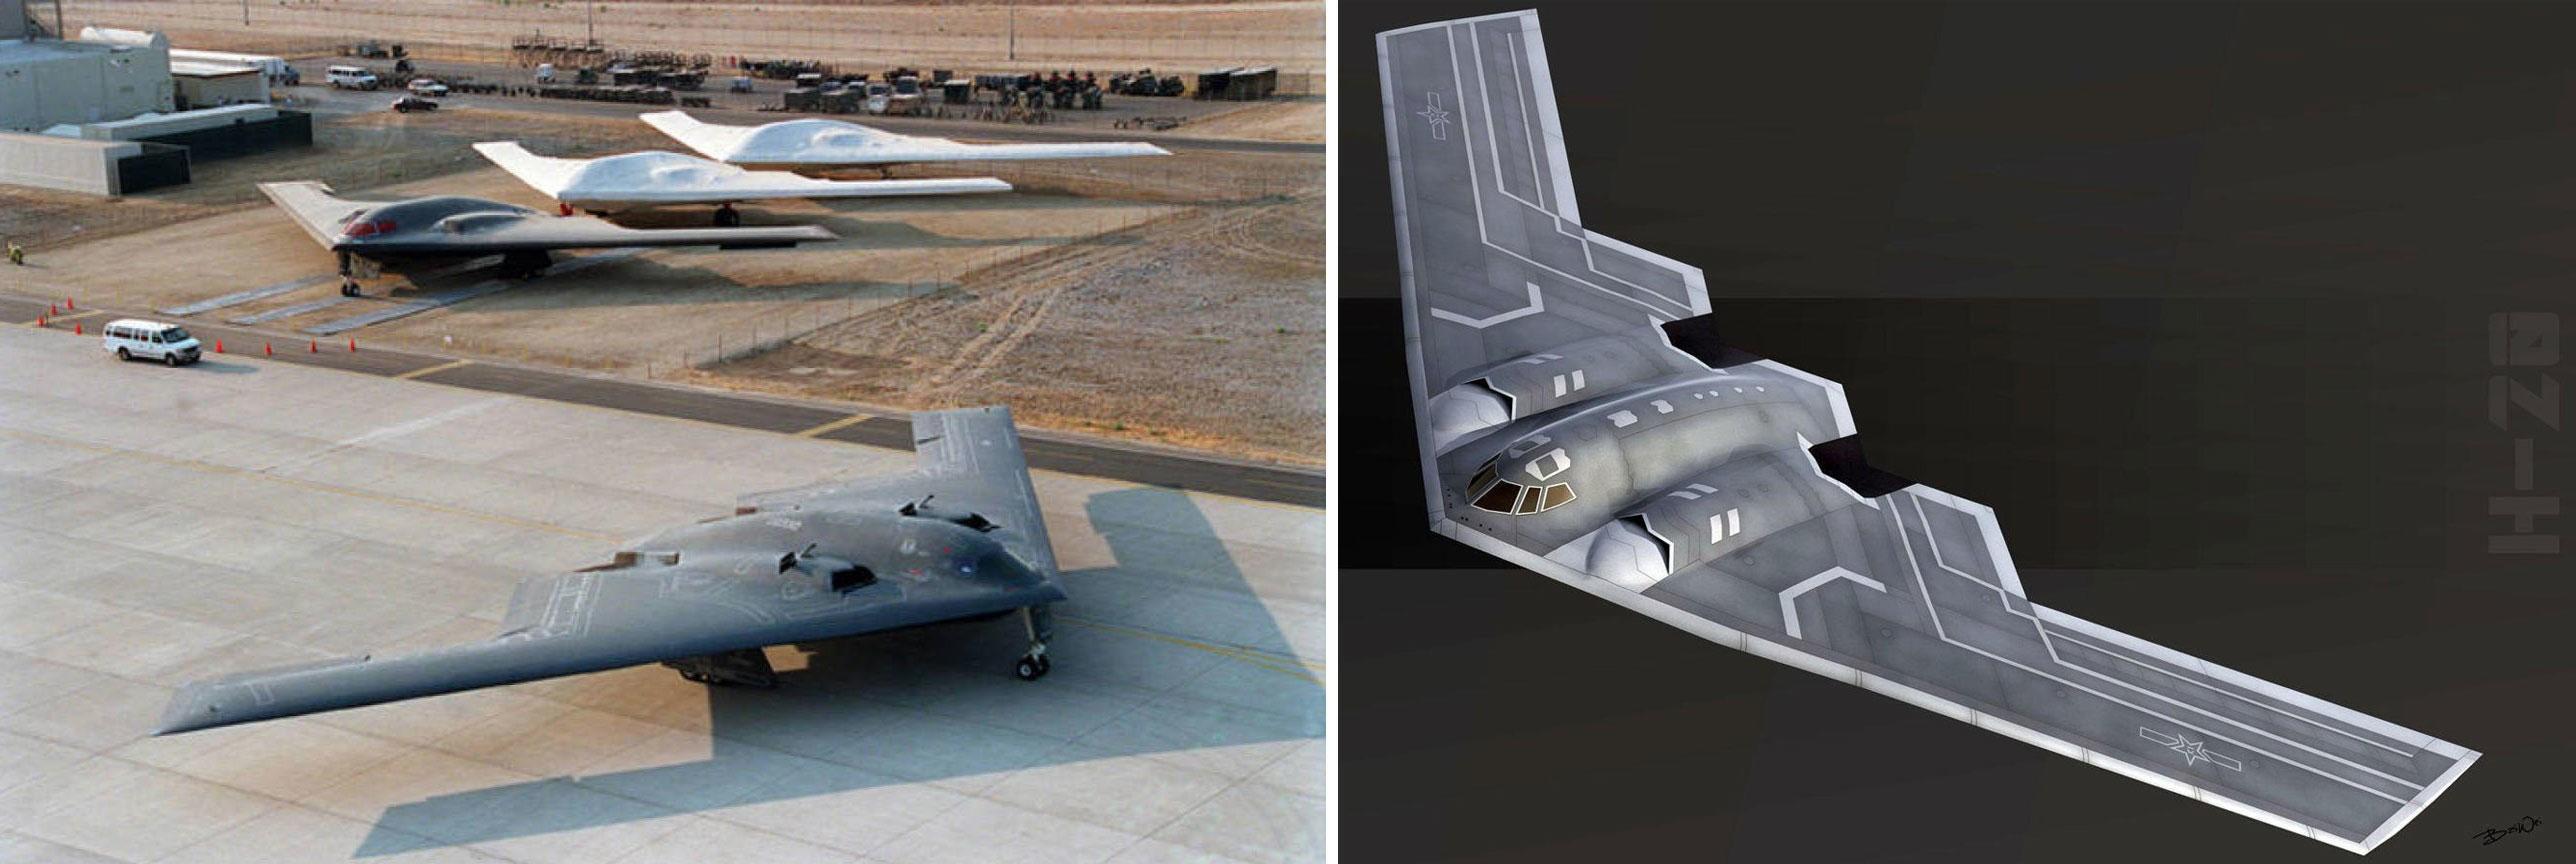 STRATEGISK BOMBEFLY H-20: Illustrasjonen til høyre er hvordan designeren Bai Wei ser for seg at Kinas nye bombefly H-20 kan se ut. Designet minner unektelig om USA B-2 Spirit (til venstre) og det kommende B-21.